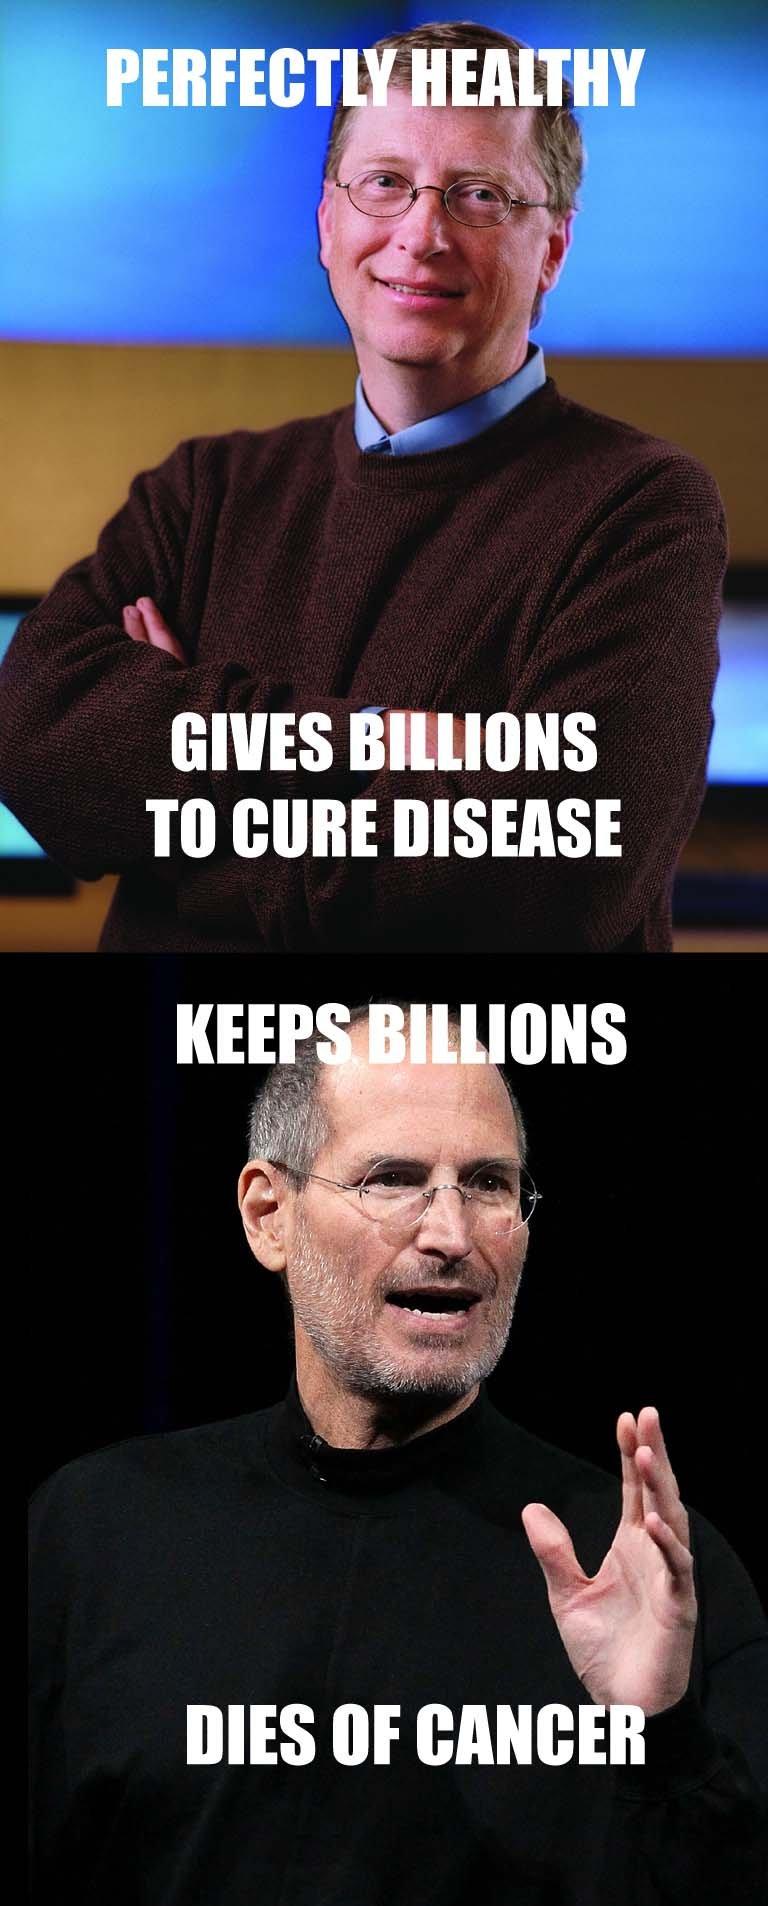 GGG vs Scumbag Steve. Good Guy Gates vs. Scumbag Steve Jobs.. Karma's a bitch, huh? GGG vs Scumbag Steve Good Guy Gates Jobs Karma's a bitch huh?